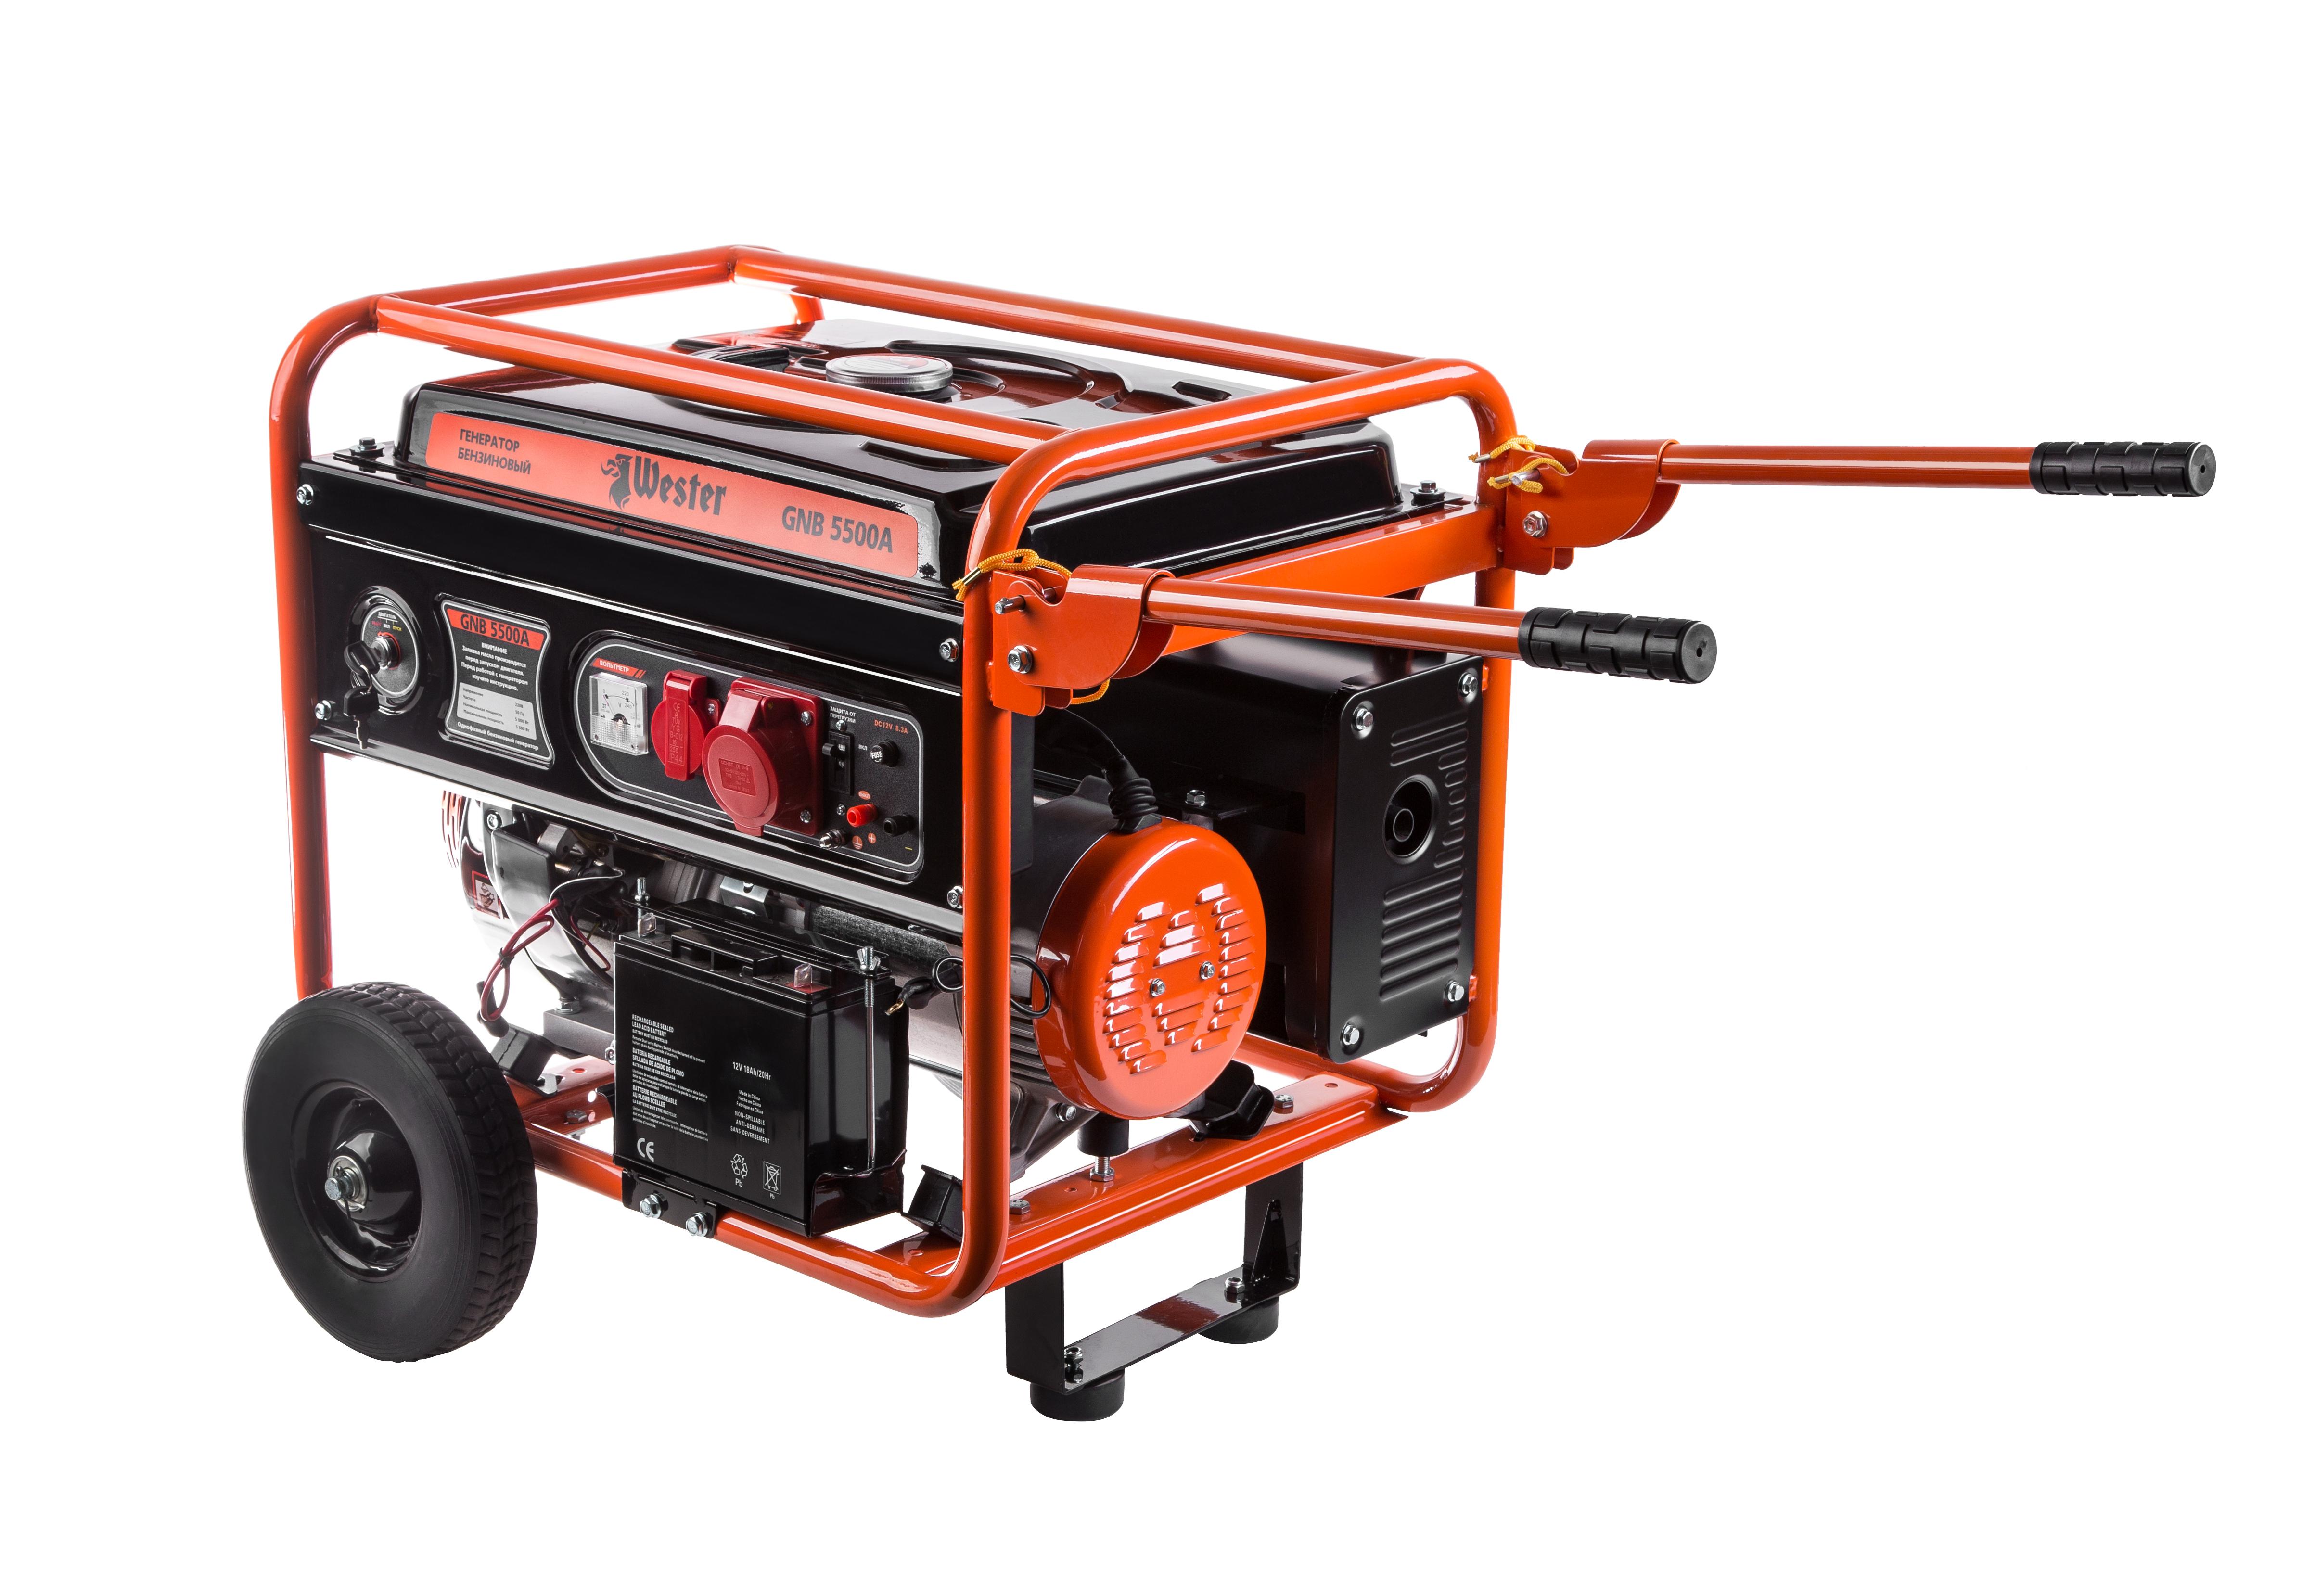 Бензиновый генератор Wester Gnb5500a